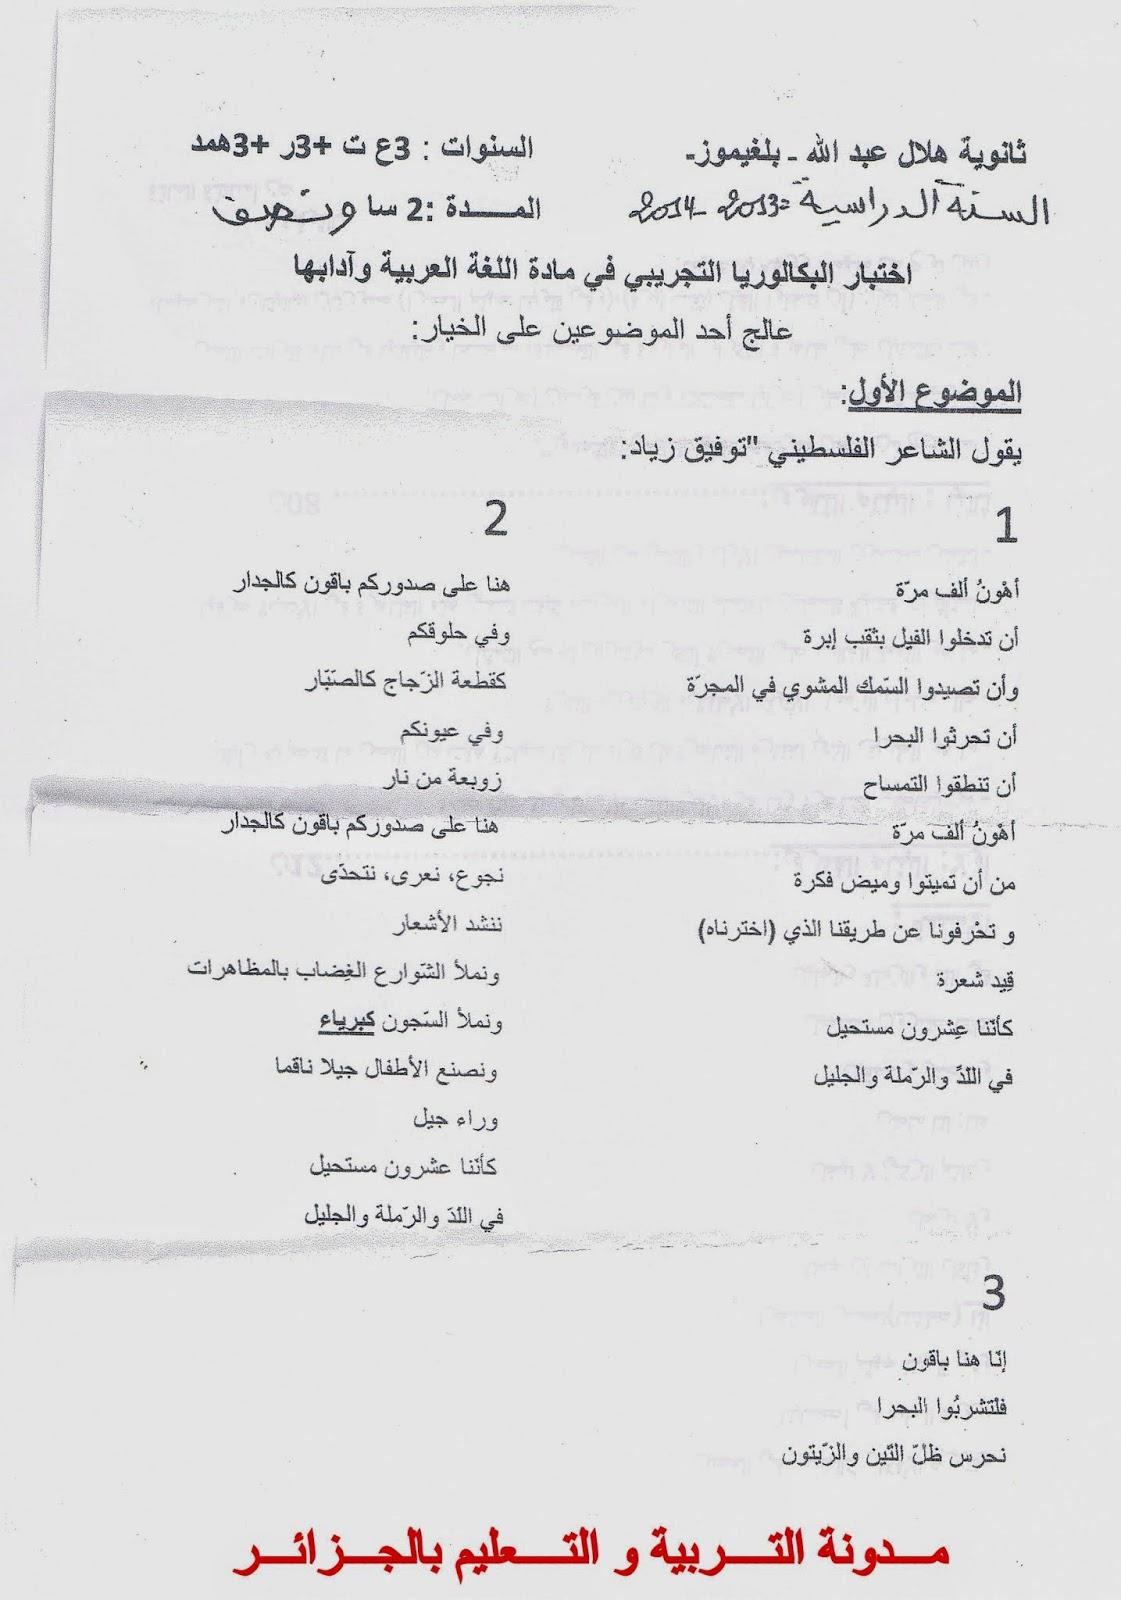 اختبار البكالوريا التجريبي في مادة اللغة العربية وآدابها 2013/2014 3